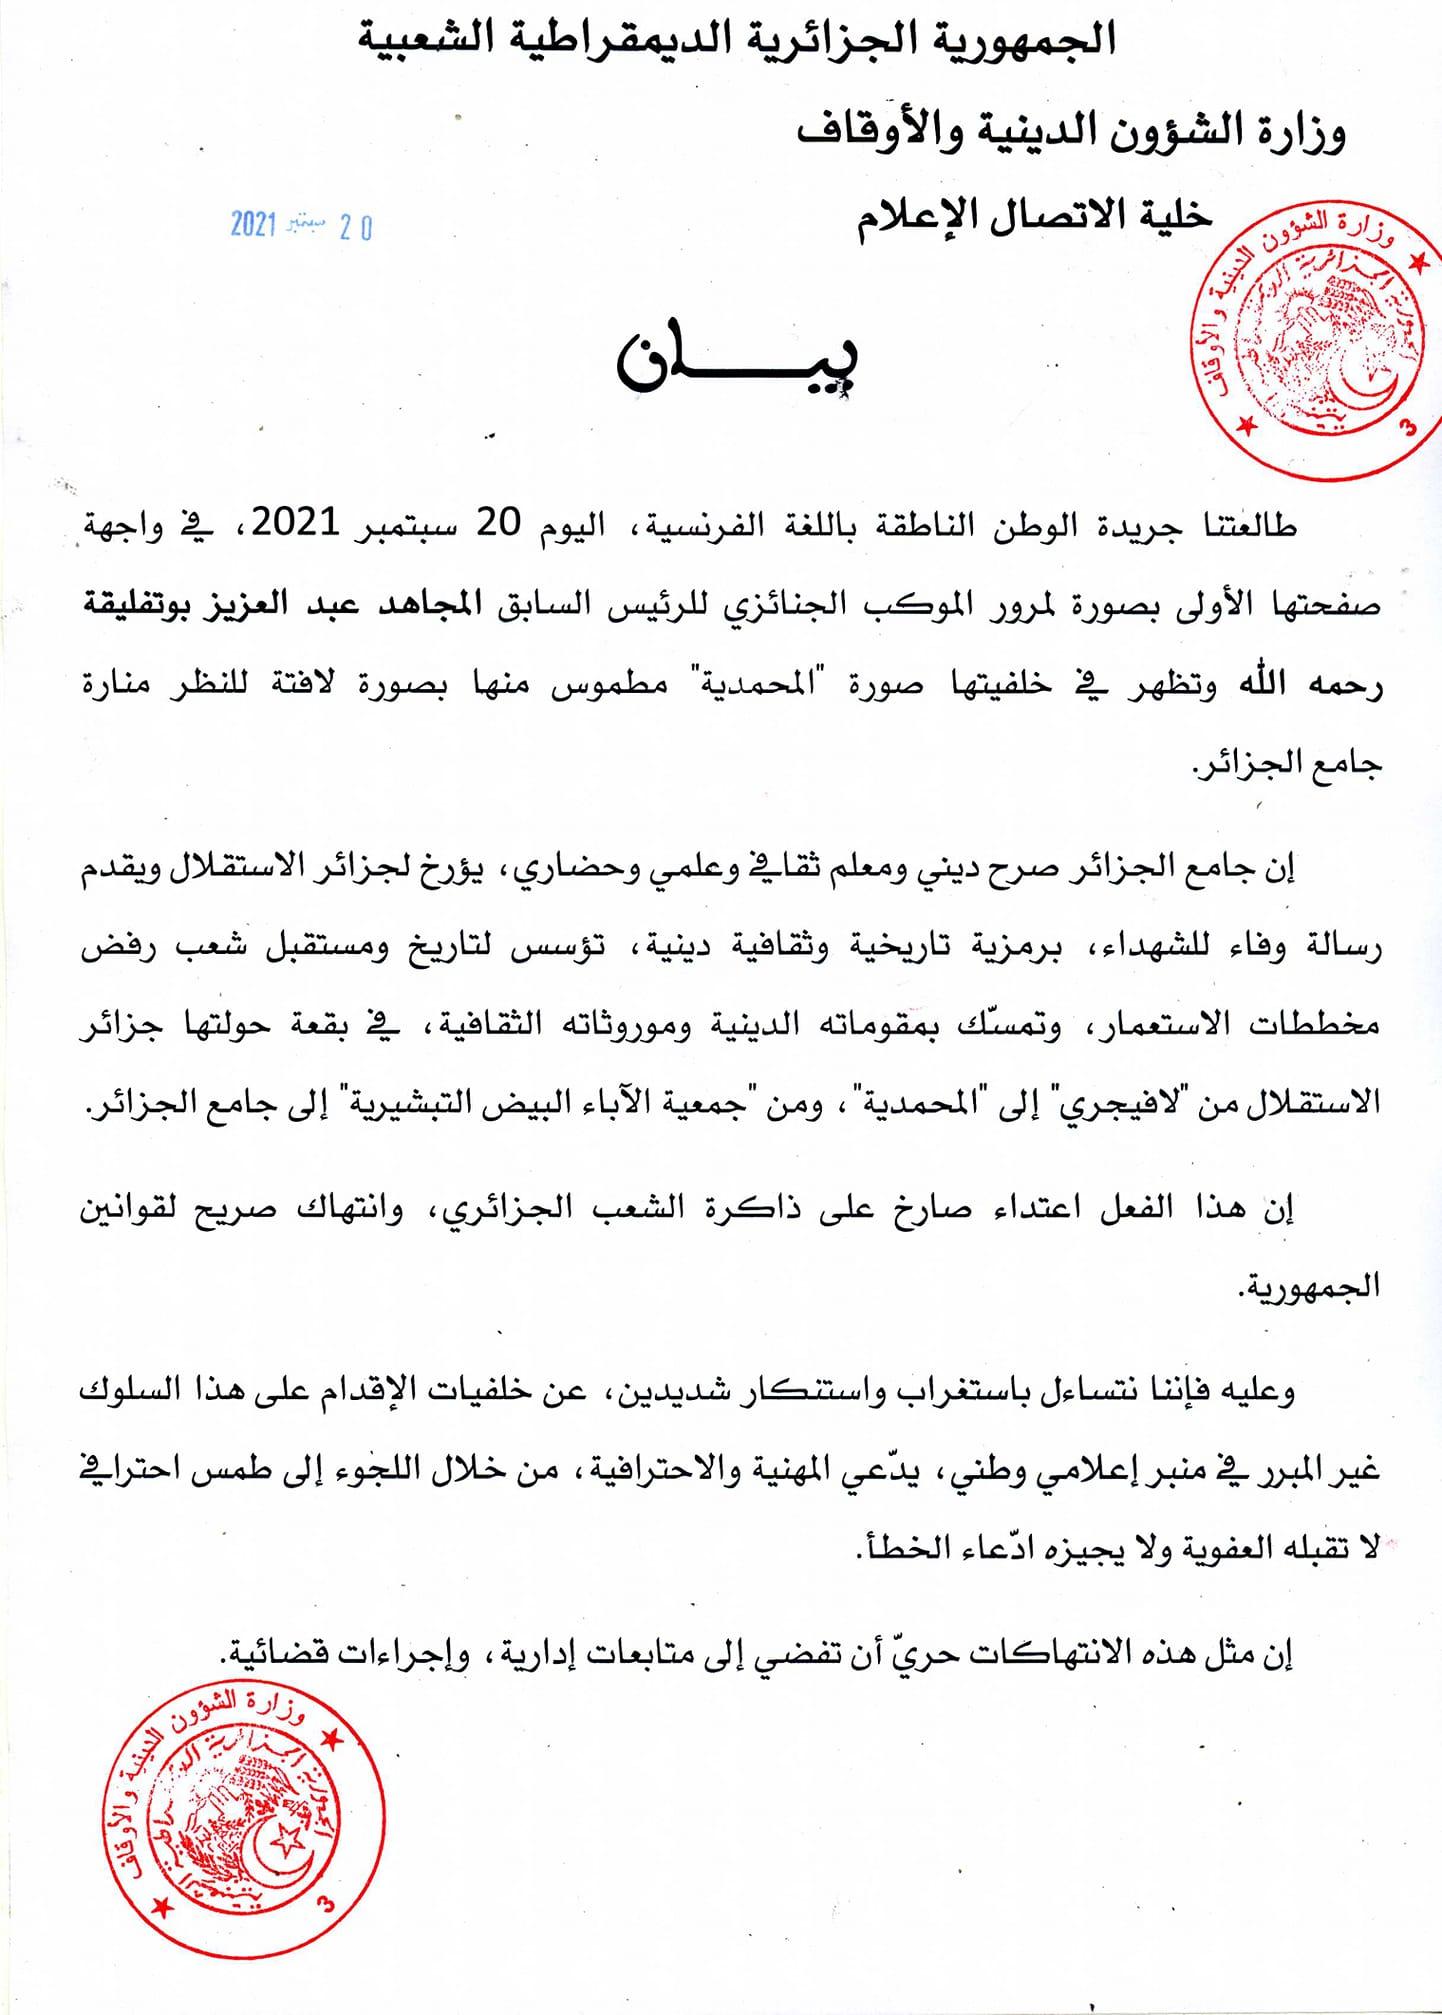 242326702 3019758081596837 2059318610242967270 n - الجزائر.. جدل واسع بعد حذف جريدة مئذنة المسجد الأعظم من صورة غلافها